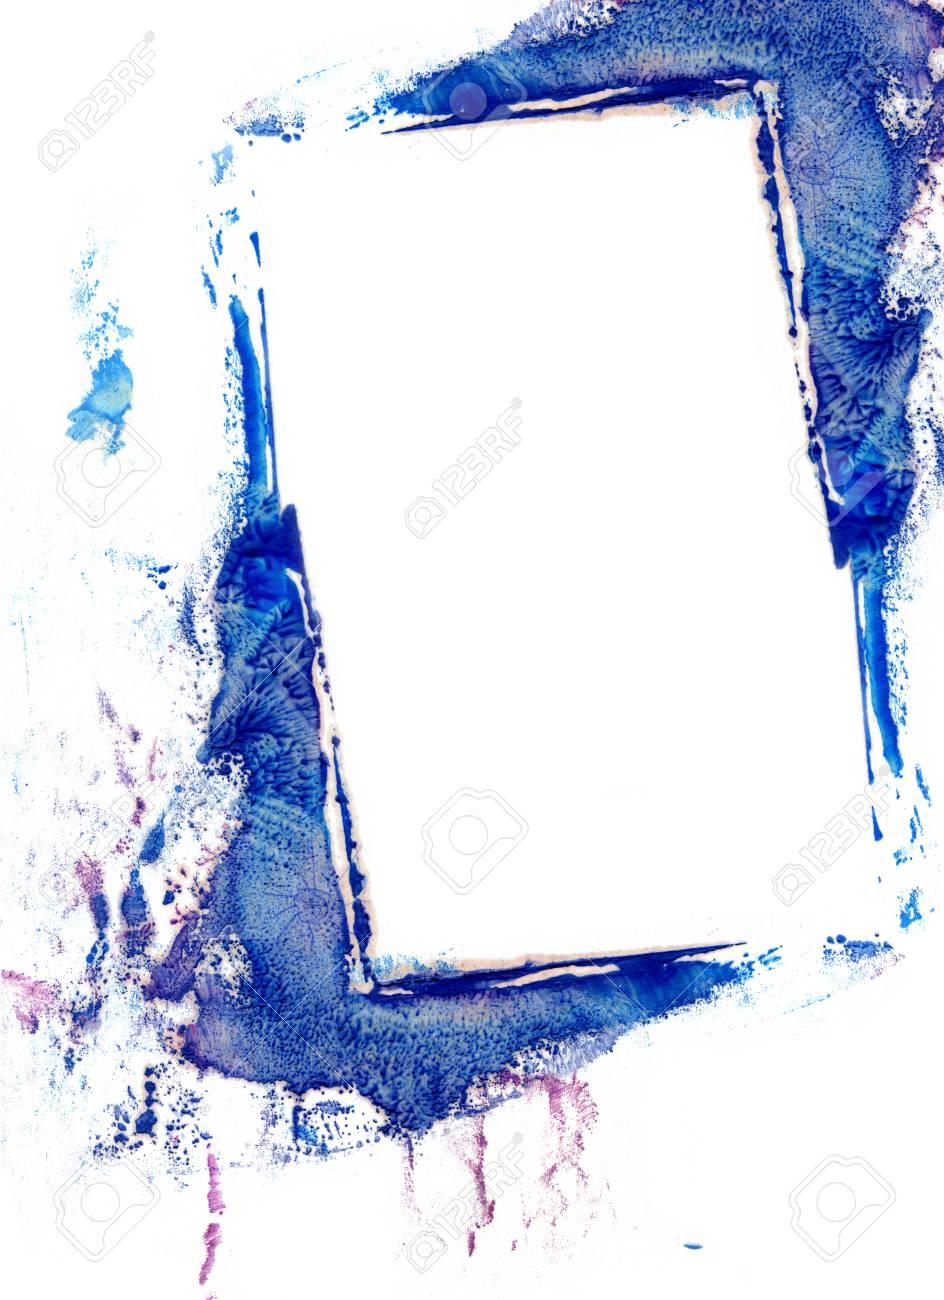 Umrahmen Ein Aquarell Auf Weißem Hintergrund Lizenzfreie Fotos ...